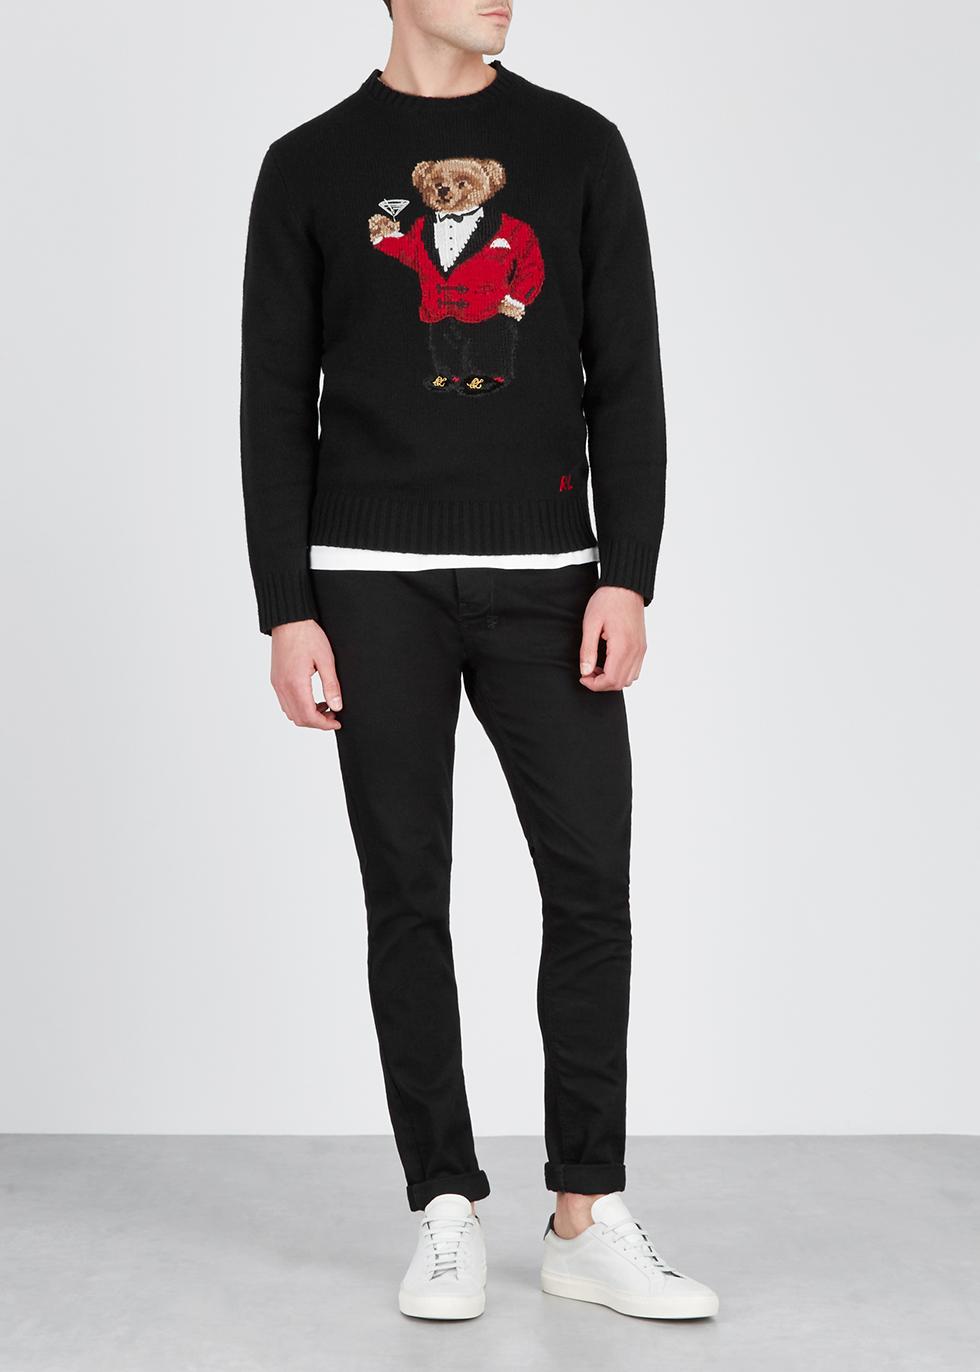 Polo Lauren Bear Intarsia Jumper Black Ralph Nichols Wool Harvey 3ALR54j